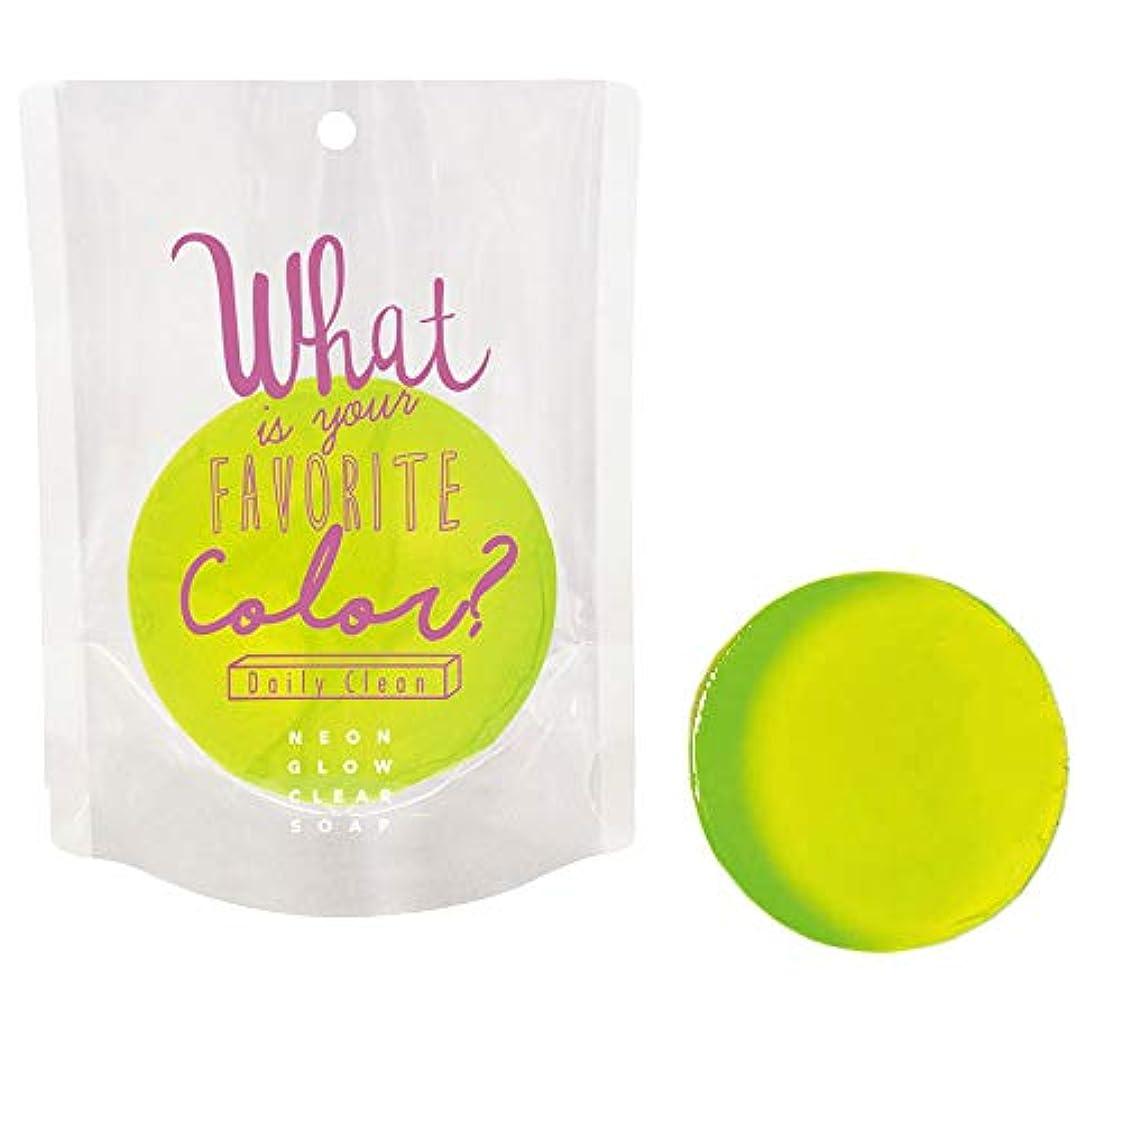 十億大量貧しいネオングロークリアソープ ob-ngw-2-1-4(02/パパイヤ) Neon Glow Clear Soap 石鹸 ノルコーポレーション 固形 せっけん カラフル 香り 清潔 ギフト プレゼント